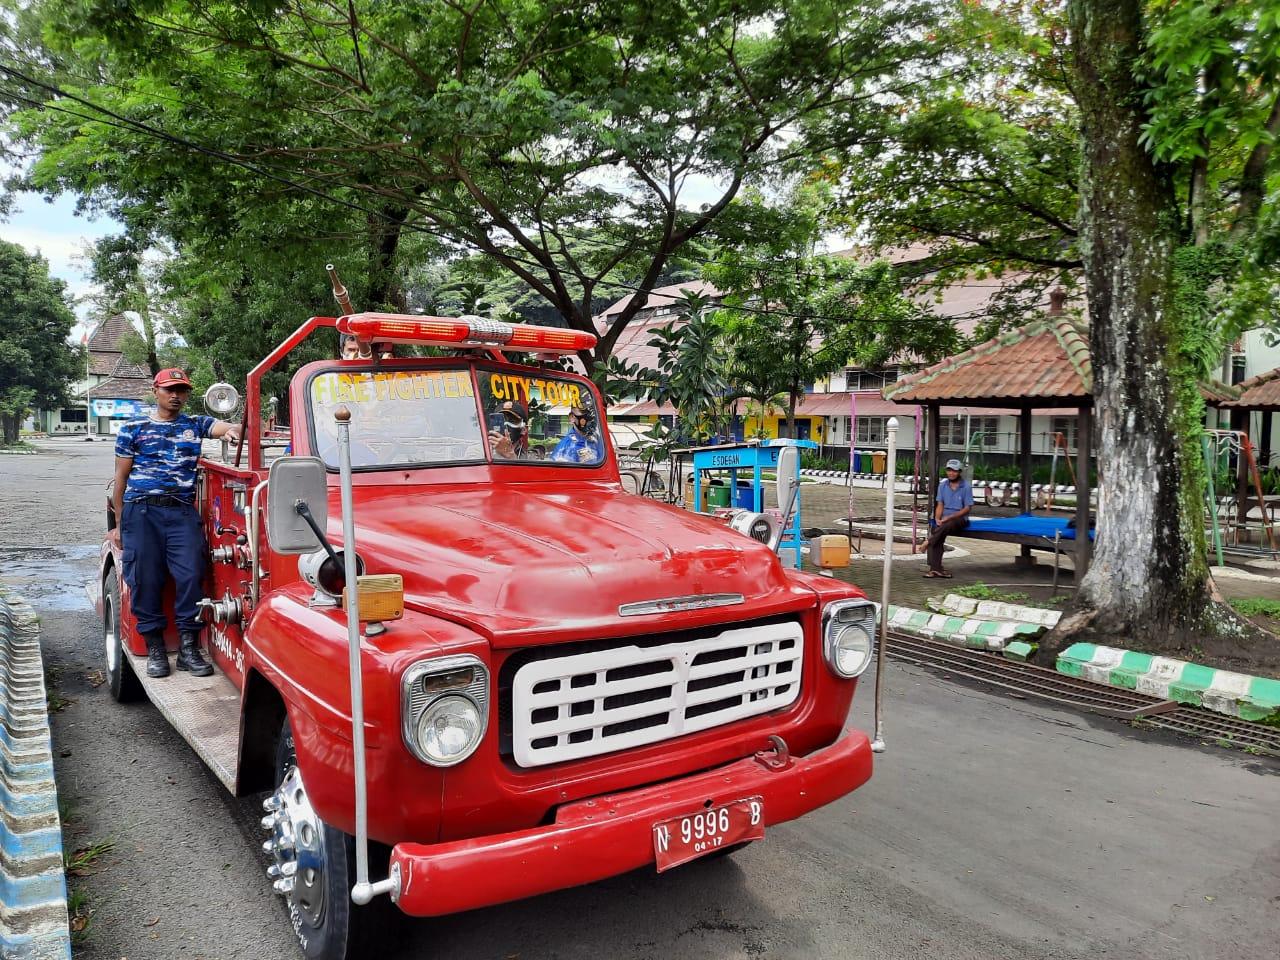 Mobil pemadam kebakaran legendaris milik UPT Pemadam Kebakaran Kota Malang keluaran 1961 yang masih berfungsi dengan baik hingga saat ini. (Foto: Azmy/Tugu Malang/Tugu Jatim)